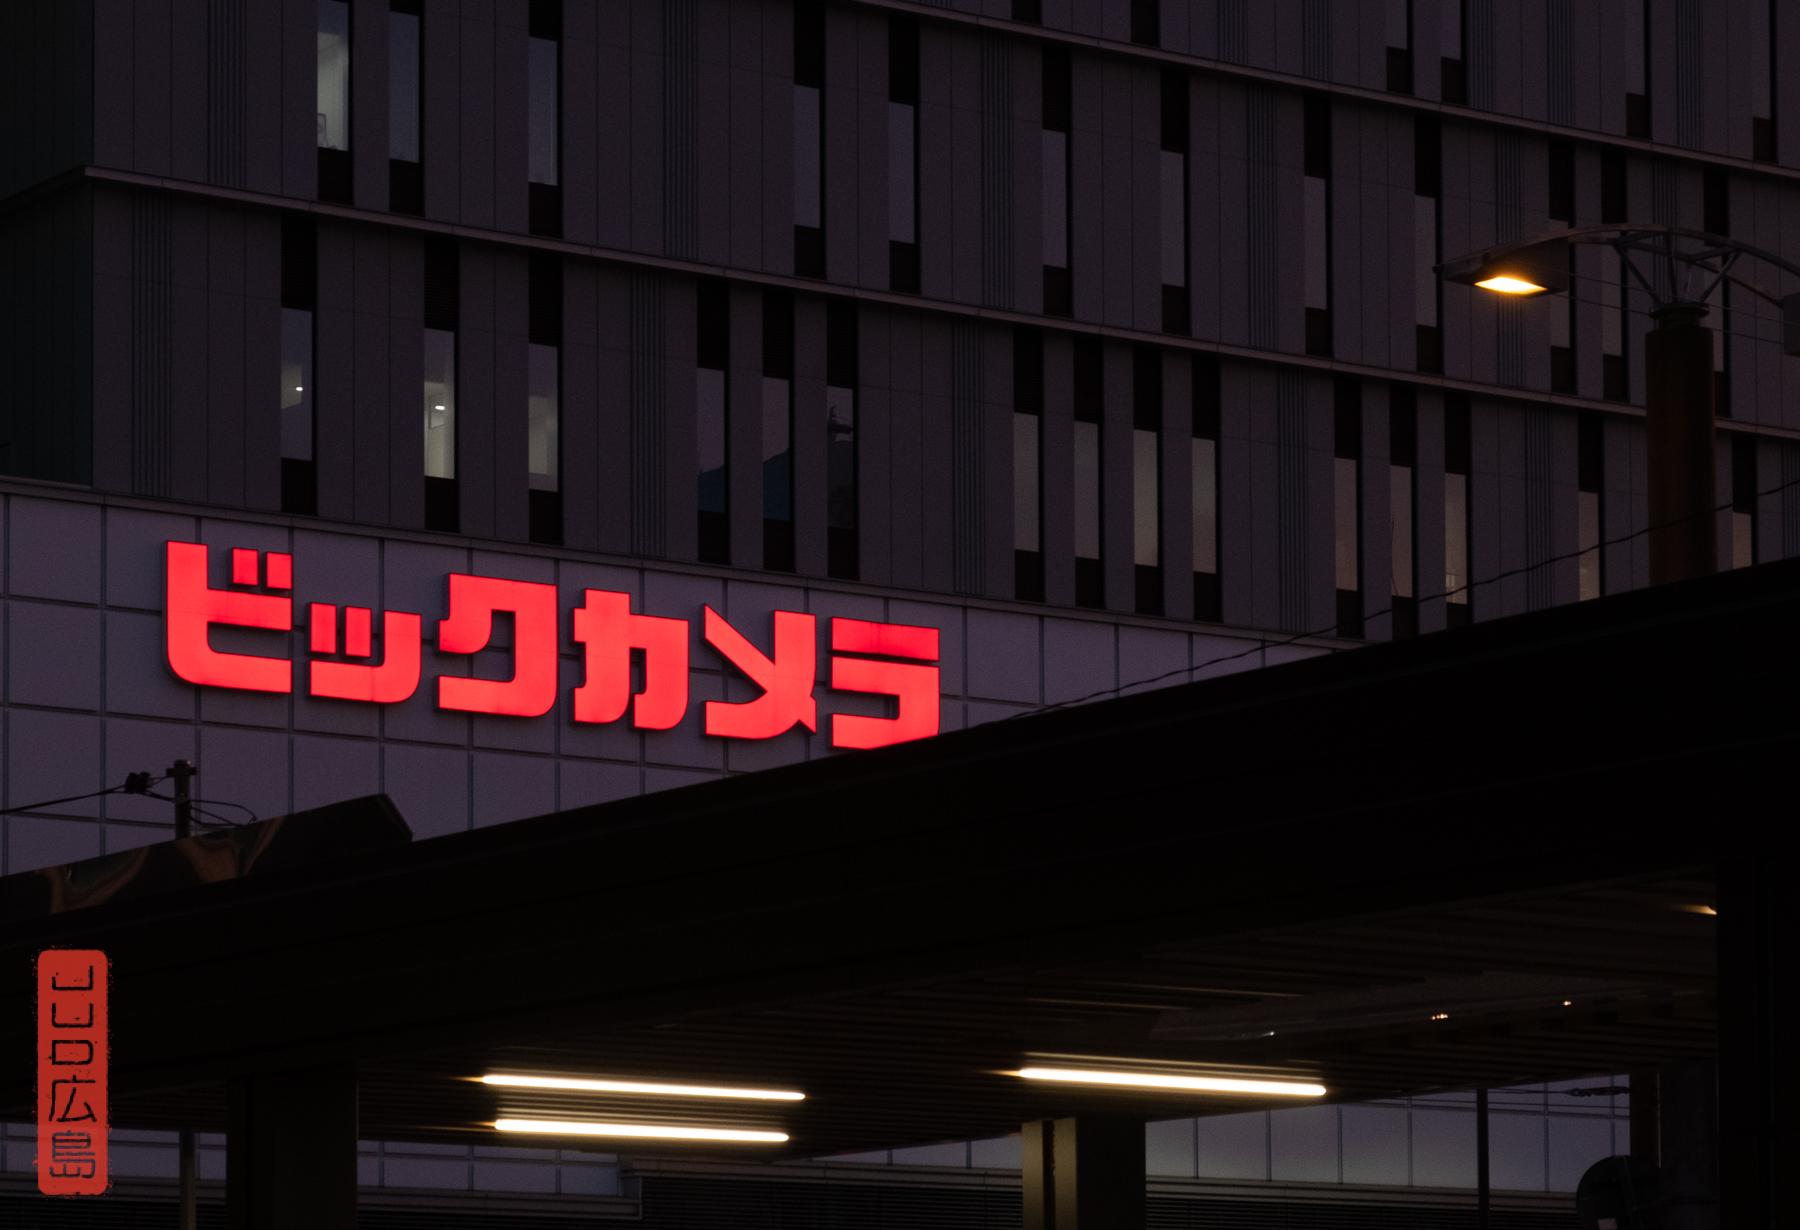 Hiroshima Bic Camera néons